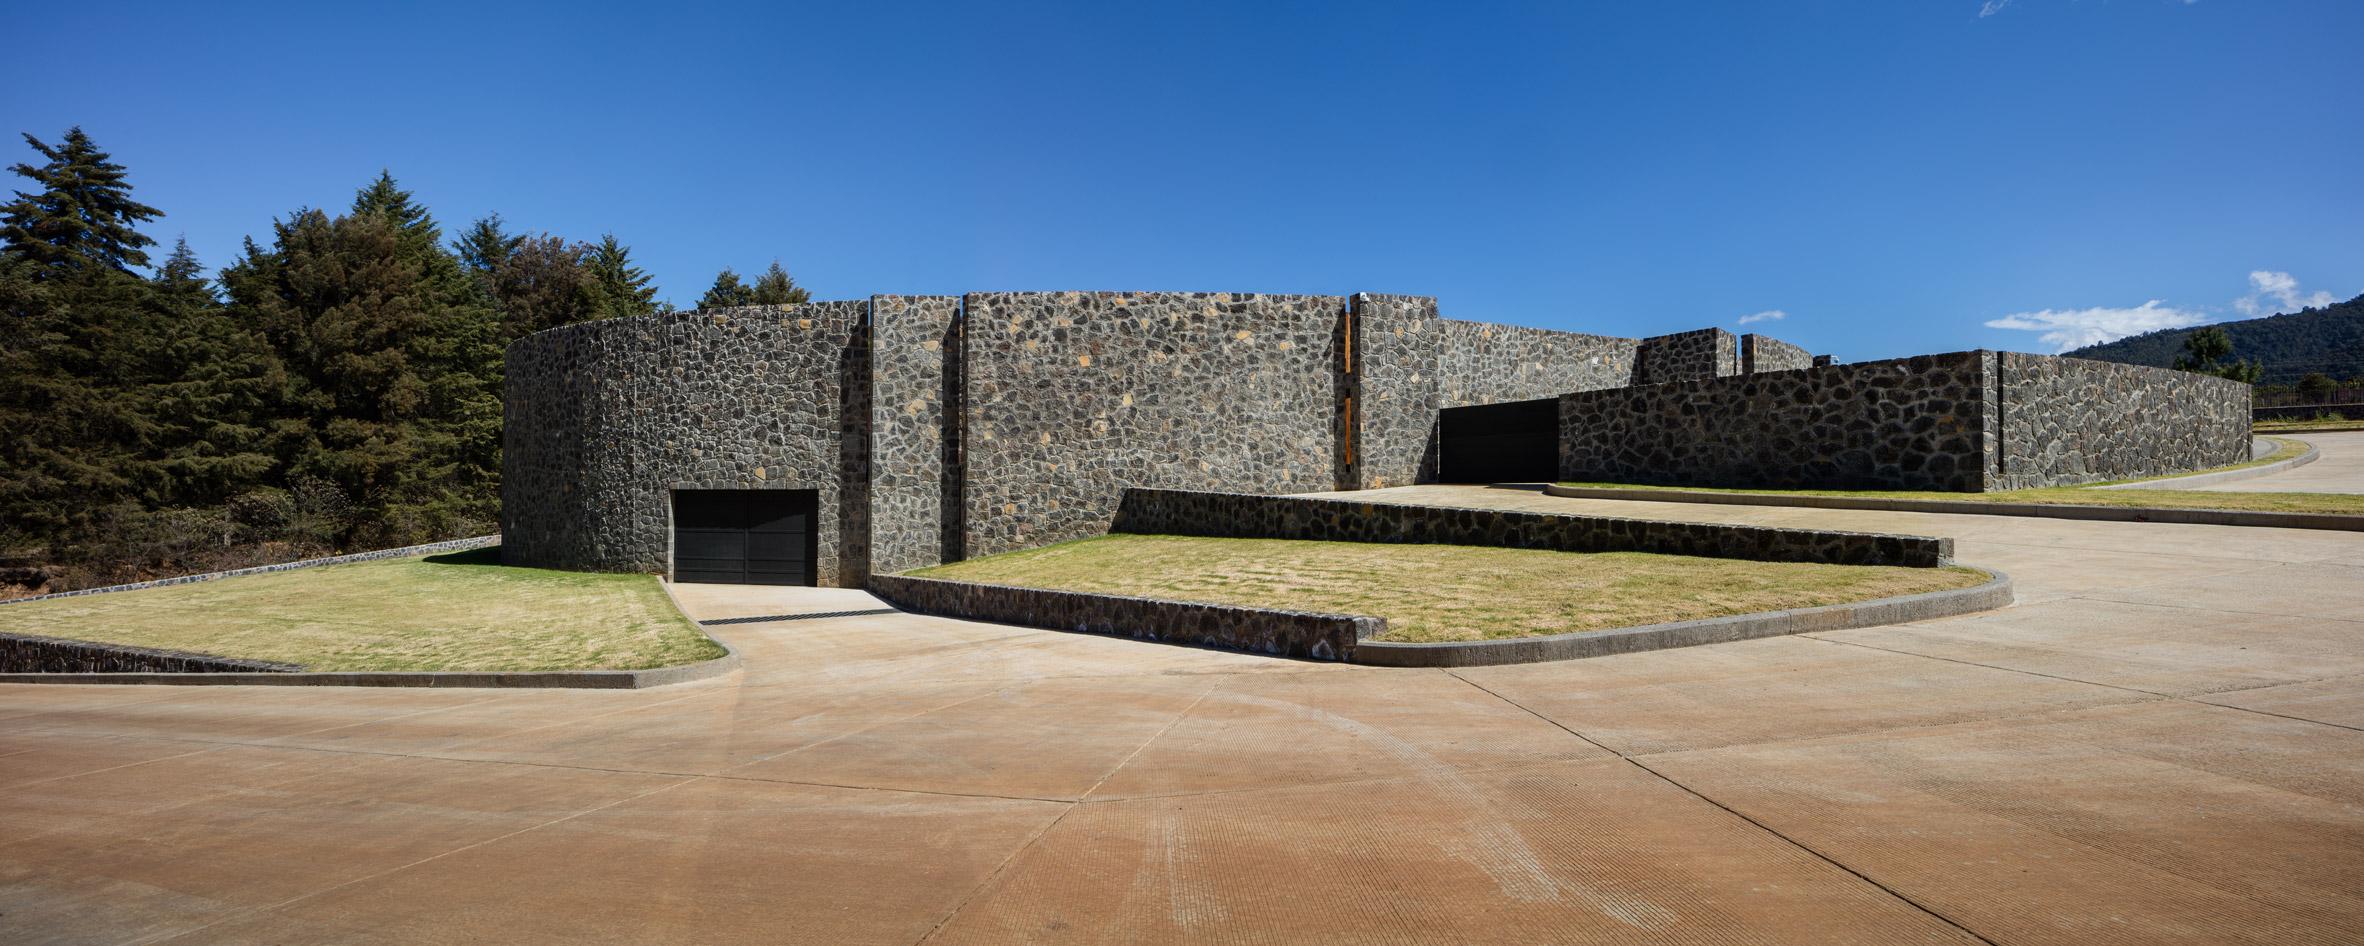 Criminal Courts in Pátzcuaro, Mexico, by TALLER Mauricio Rocha + Gabriela Carrillo